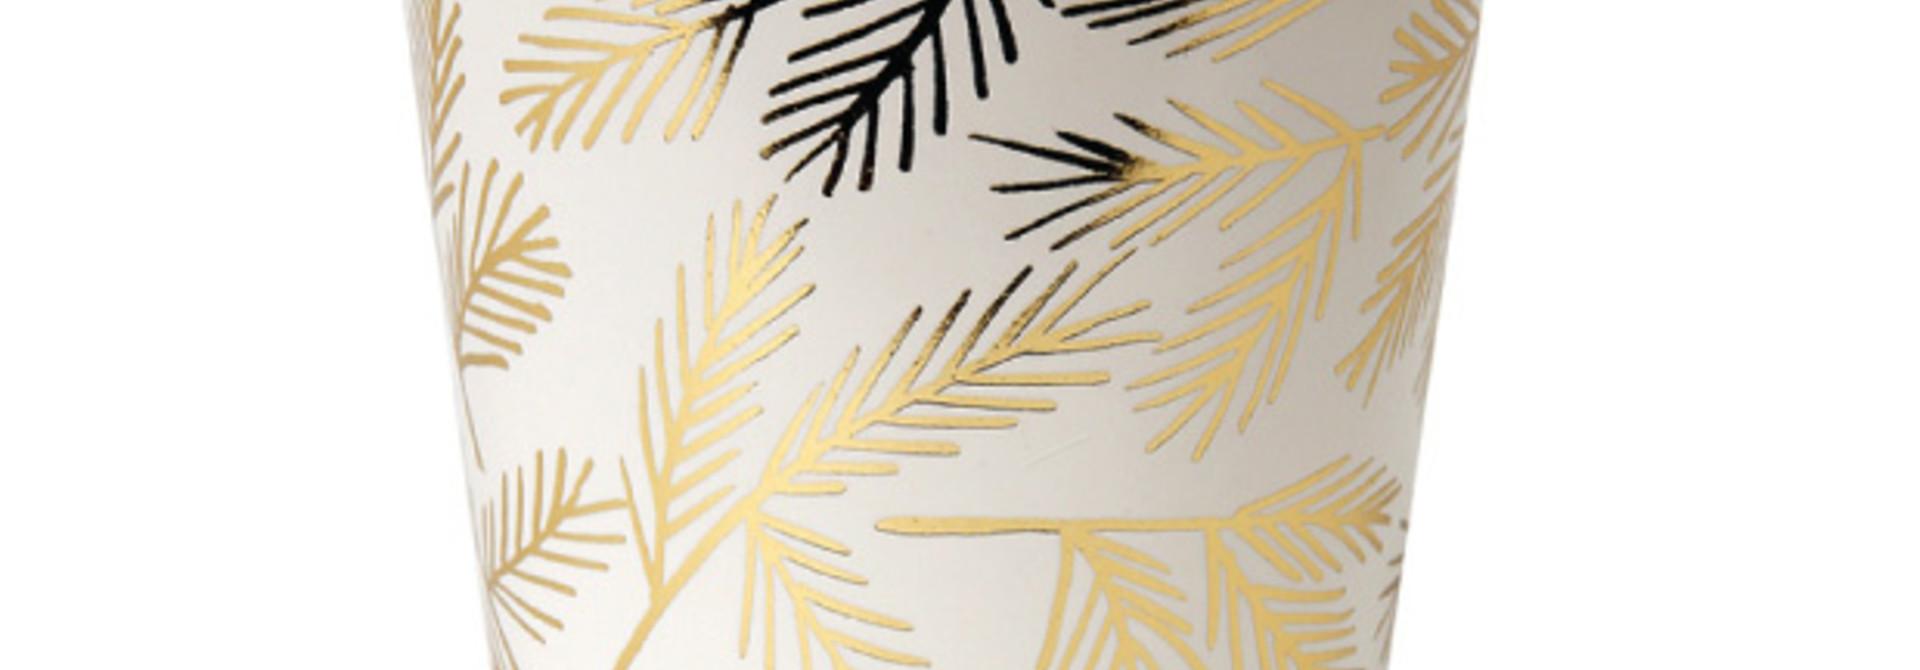 Gouden pijnboom bekers - Meri Meri (8st)